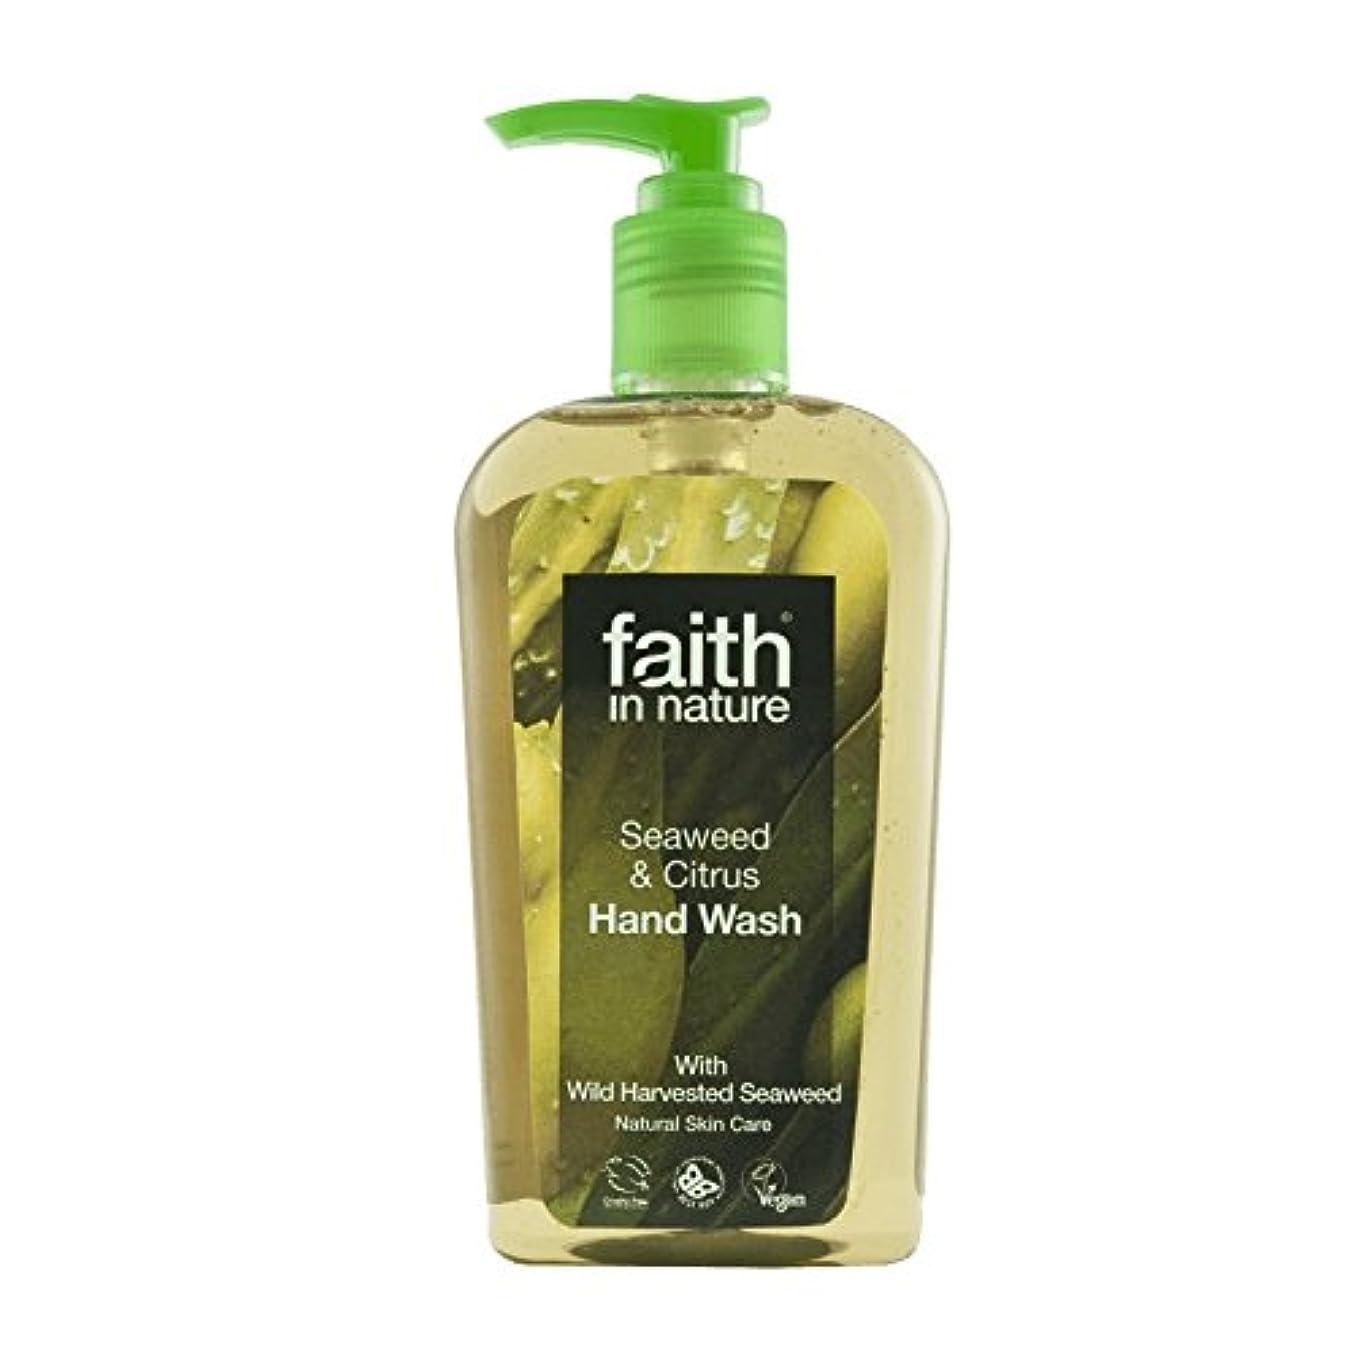 女性夜機関自然海藻手洗いの300ミリリットルの信仰 - Faith In Nature Seaweed Handwash 300ml (Faith in Nature) [並行輸入品]